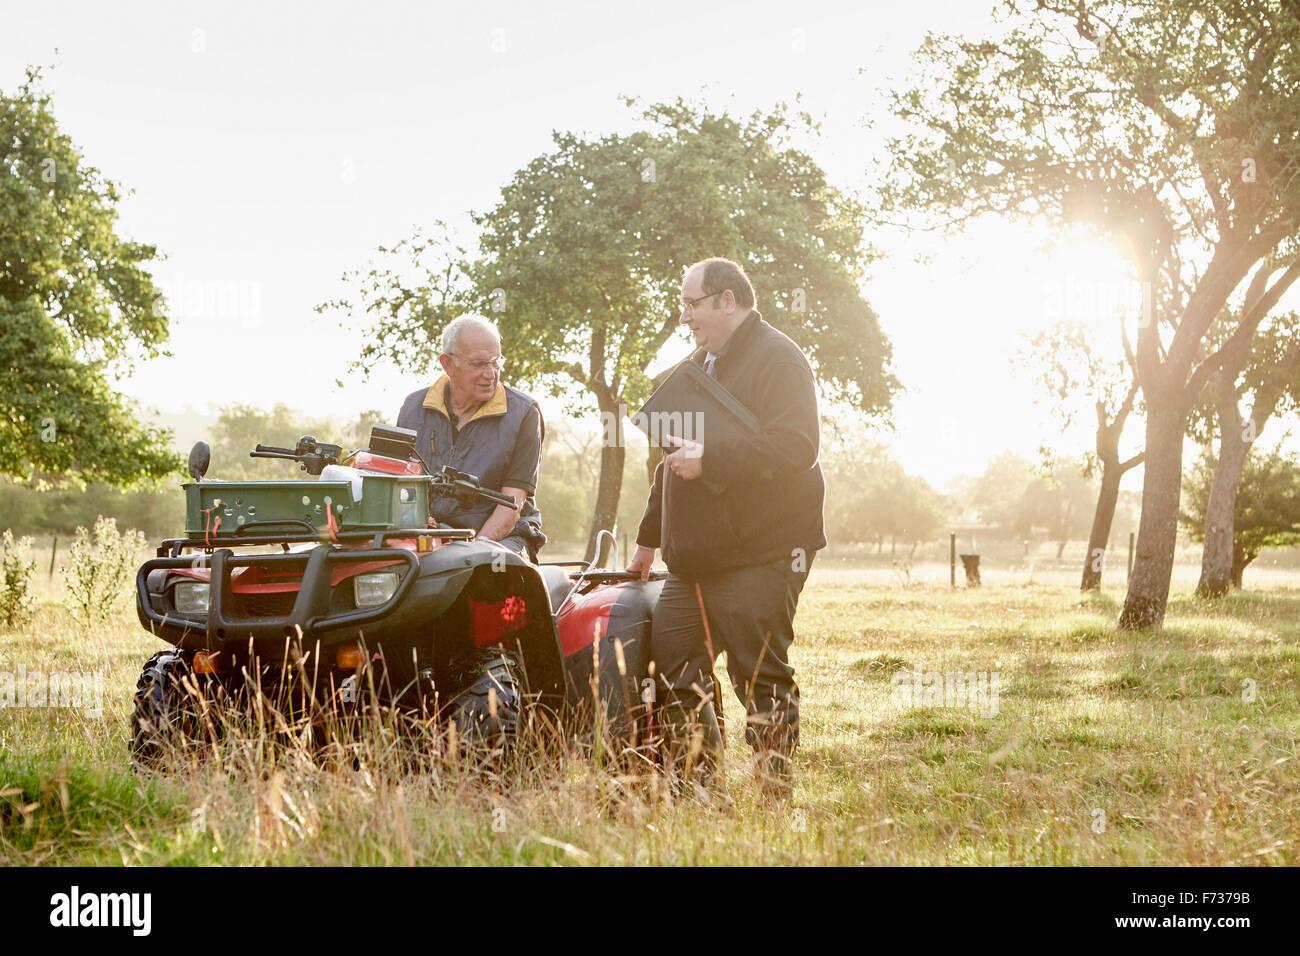 Zwei Männer, ein Bauer und ein Mann mit einem Klemmbrett, durch ein Quadbike in einem Obstgarten. Stockfoto